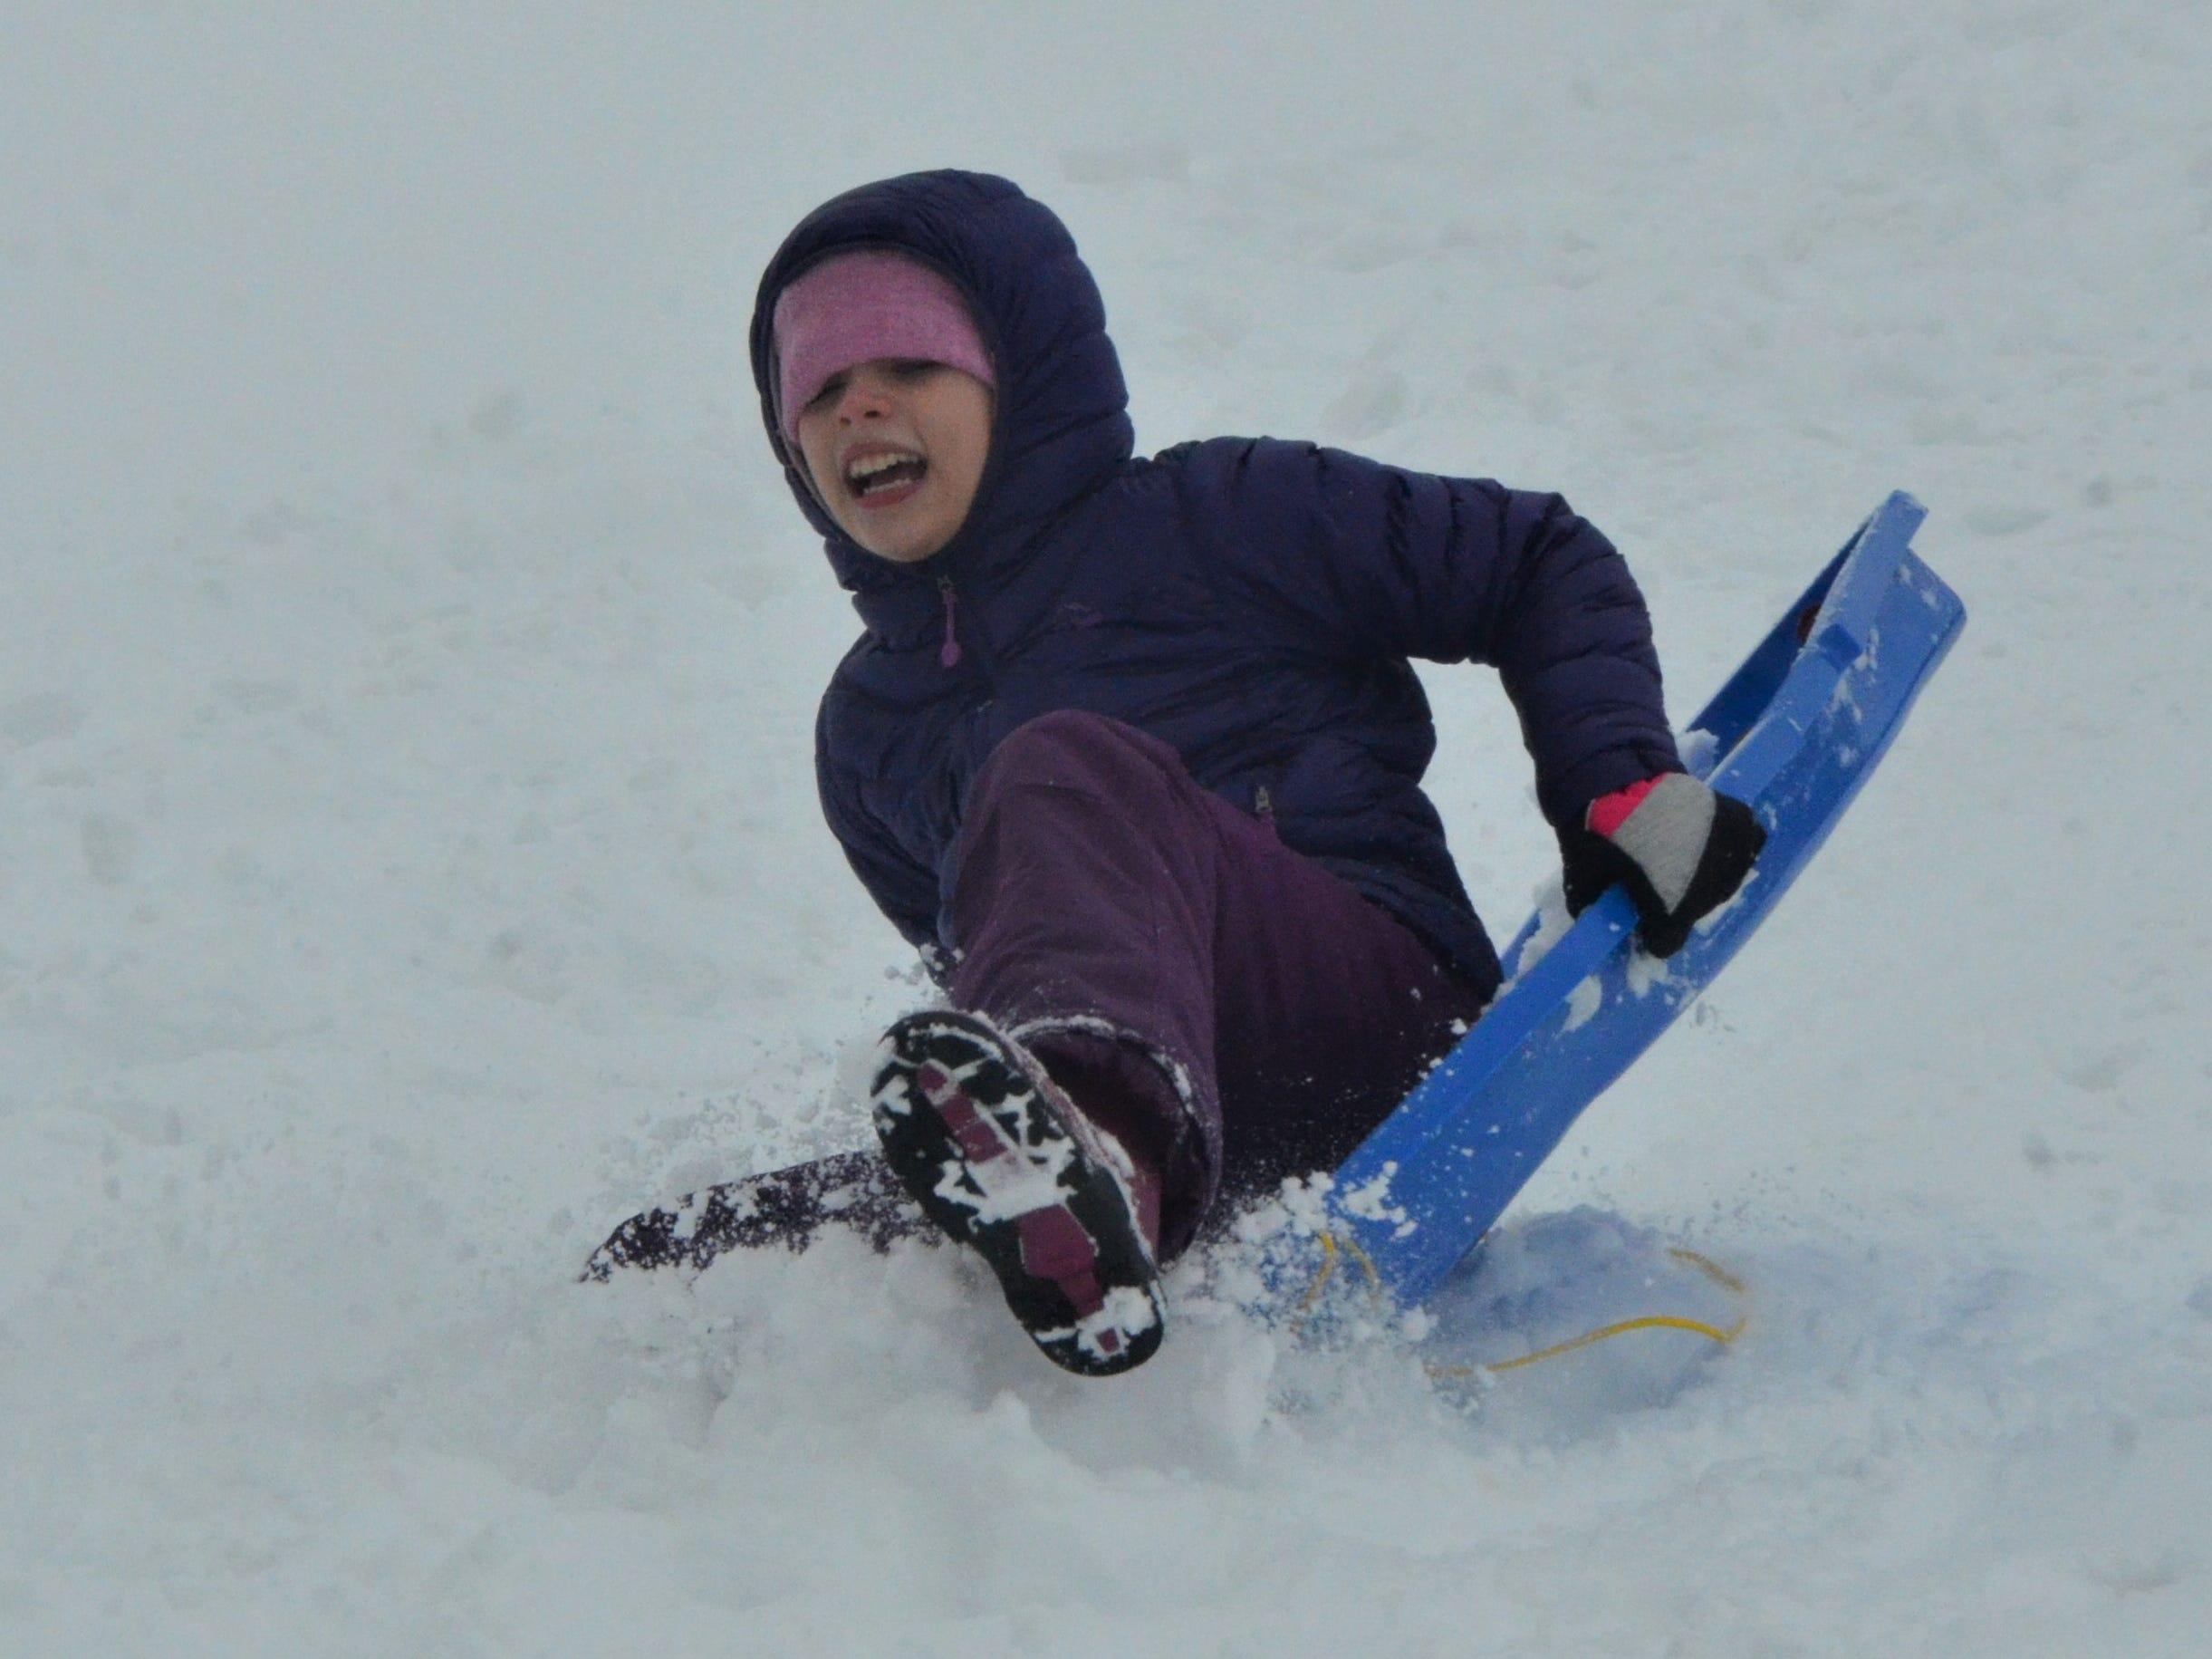 Evey Camburn, 11, wipes out while sledding at Leila Arboretum on Monday, November 26, 2018.